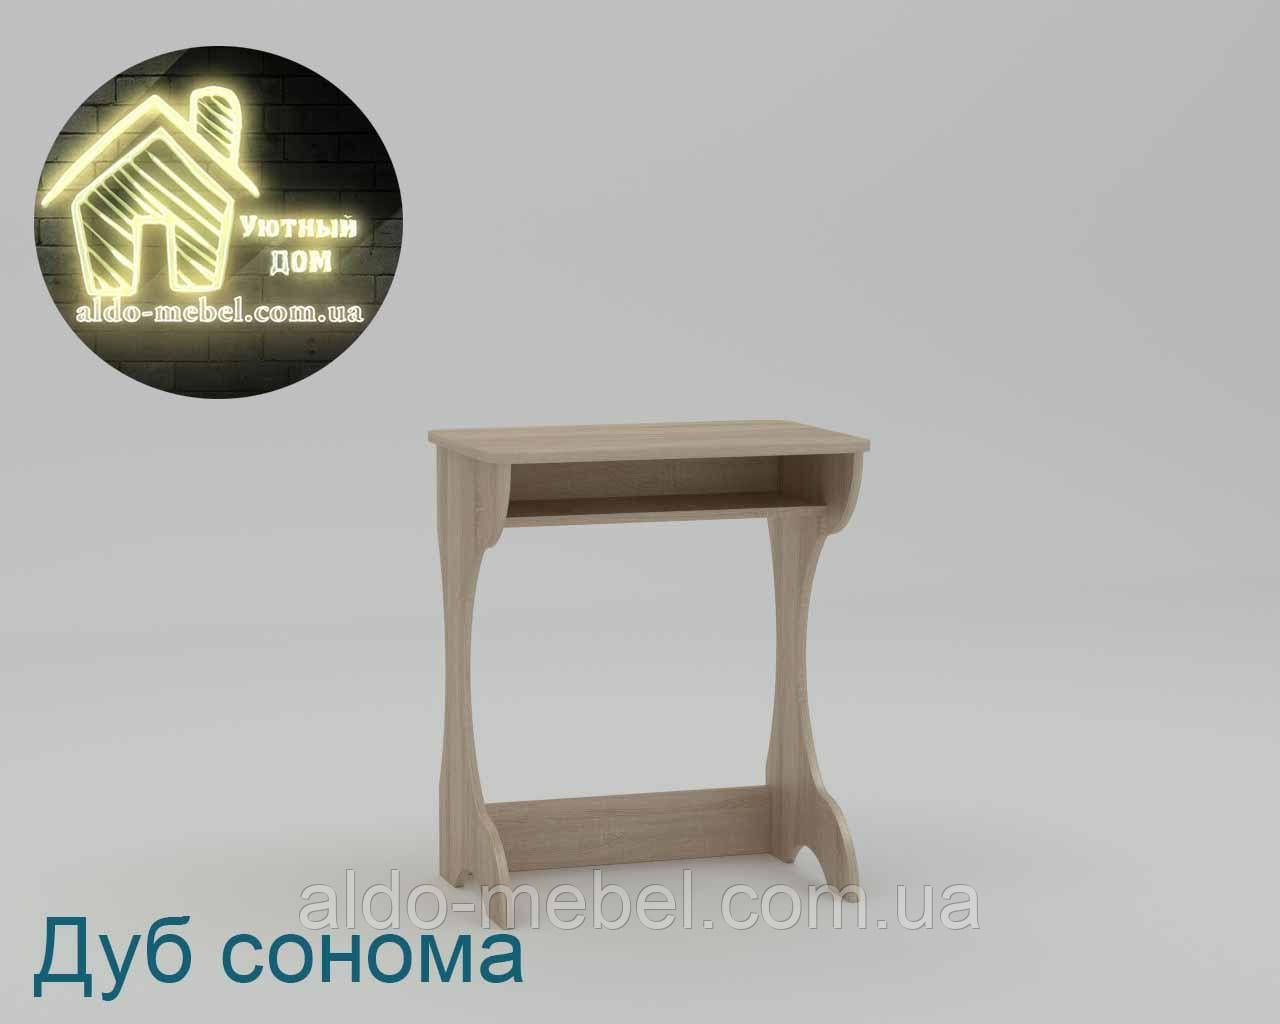 Стол письменный Юниор Ш - 640 мм; В - 750 мм; Г - 440 мм (Компанит)